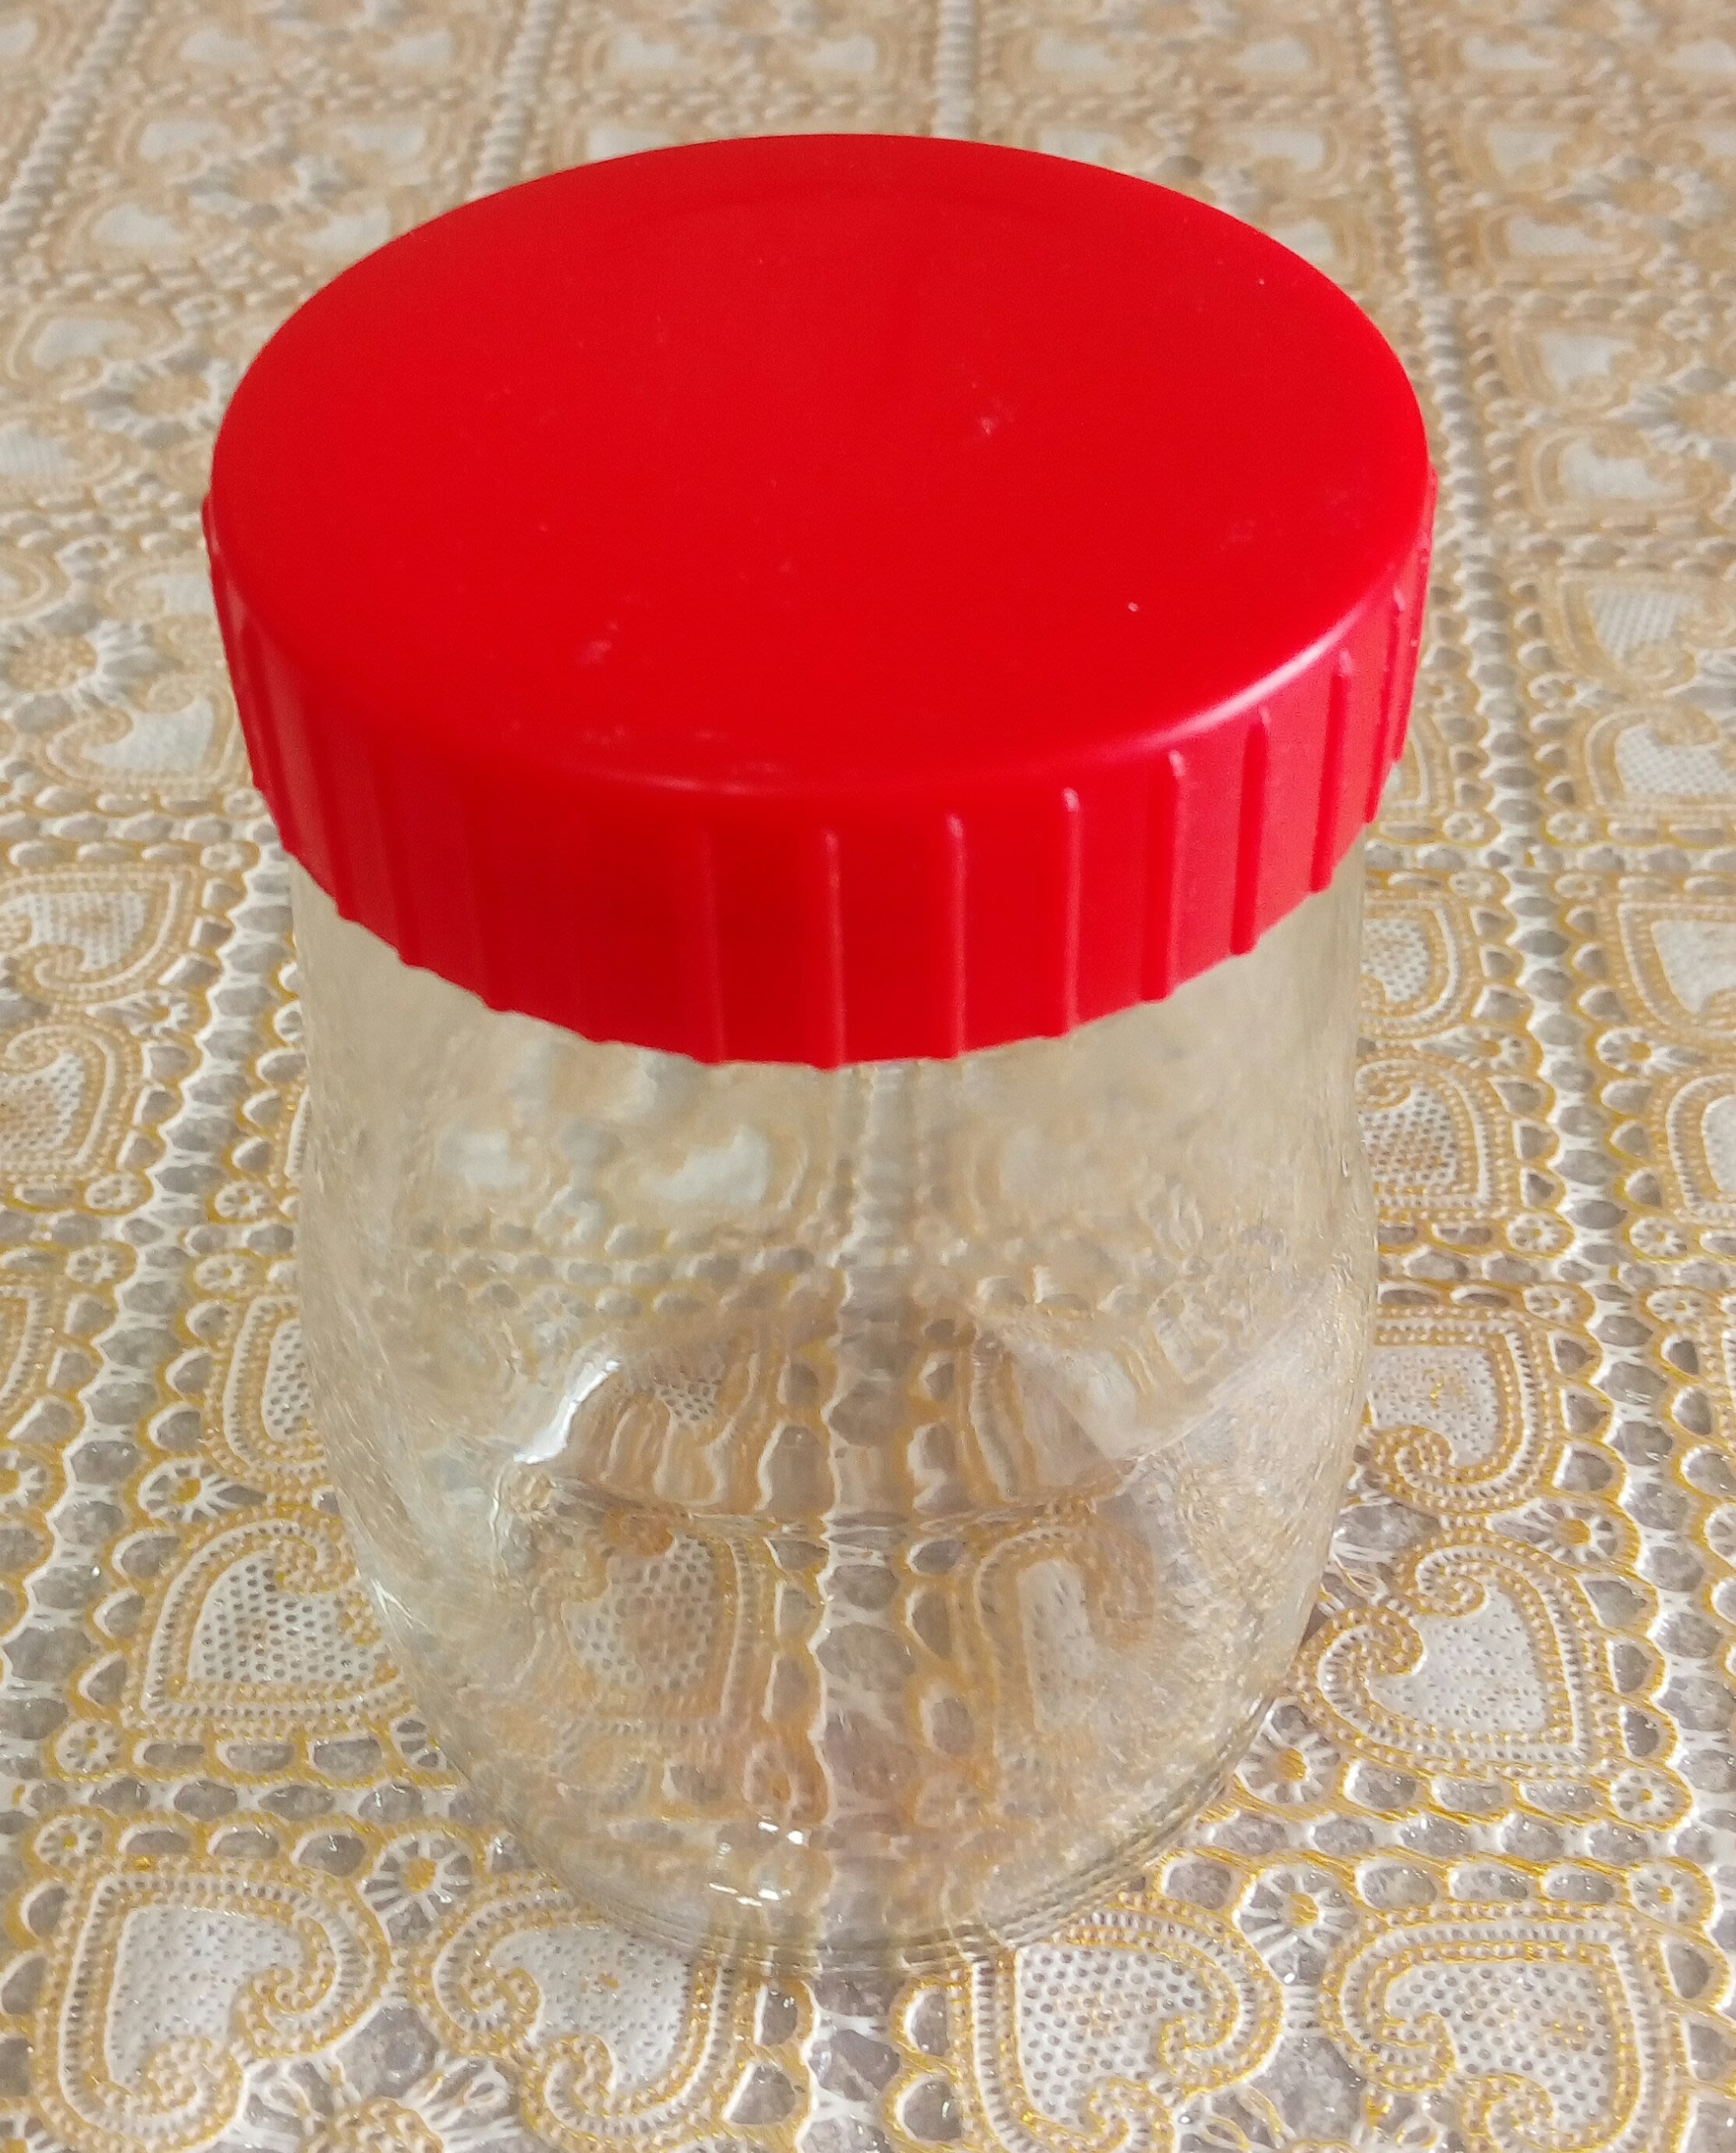 玻璃罐 /果醬瓶 /圓柱玻璃瓶 /蜂蜜罐 /金棗醬瓶 /釀造罐 /醃製罐 /金桔醬/果醬瓶/收納儲物/醬料罐